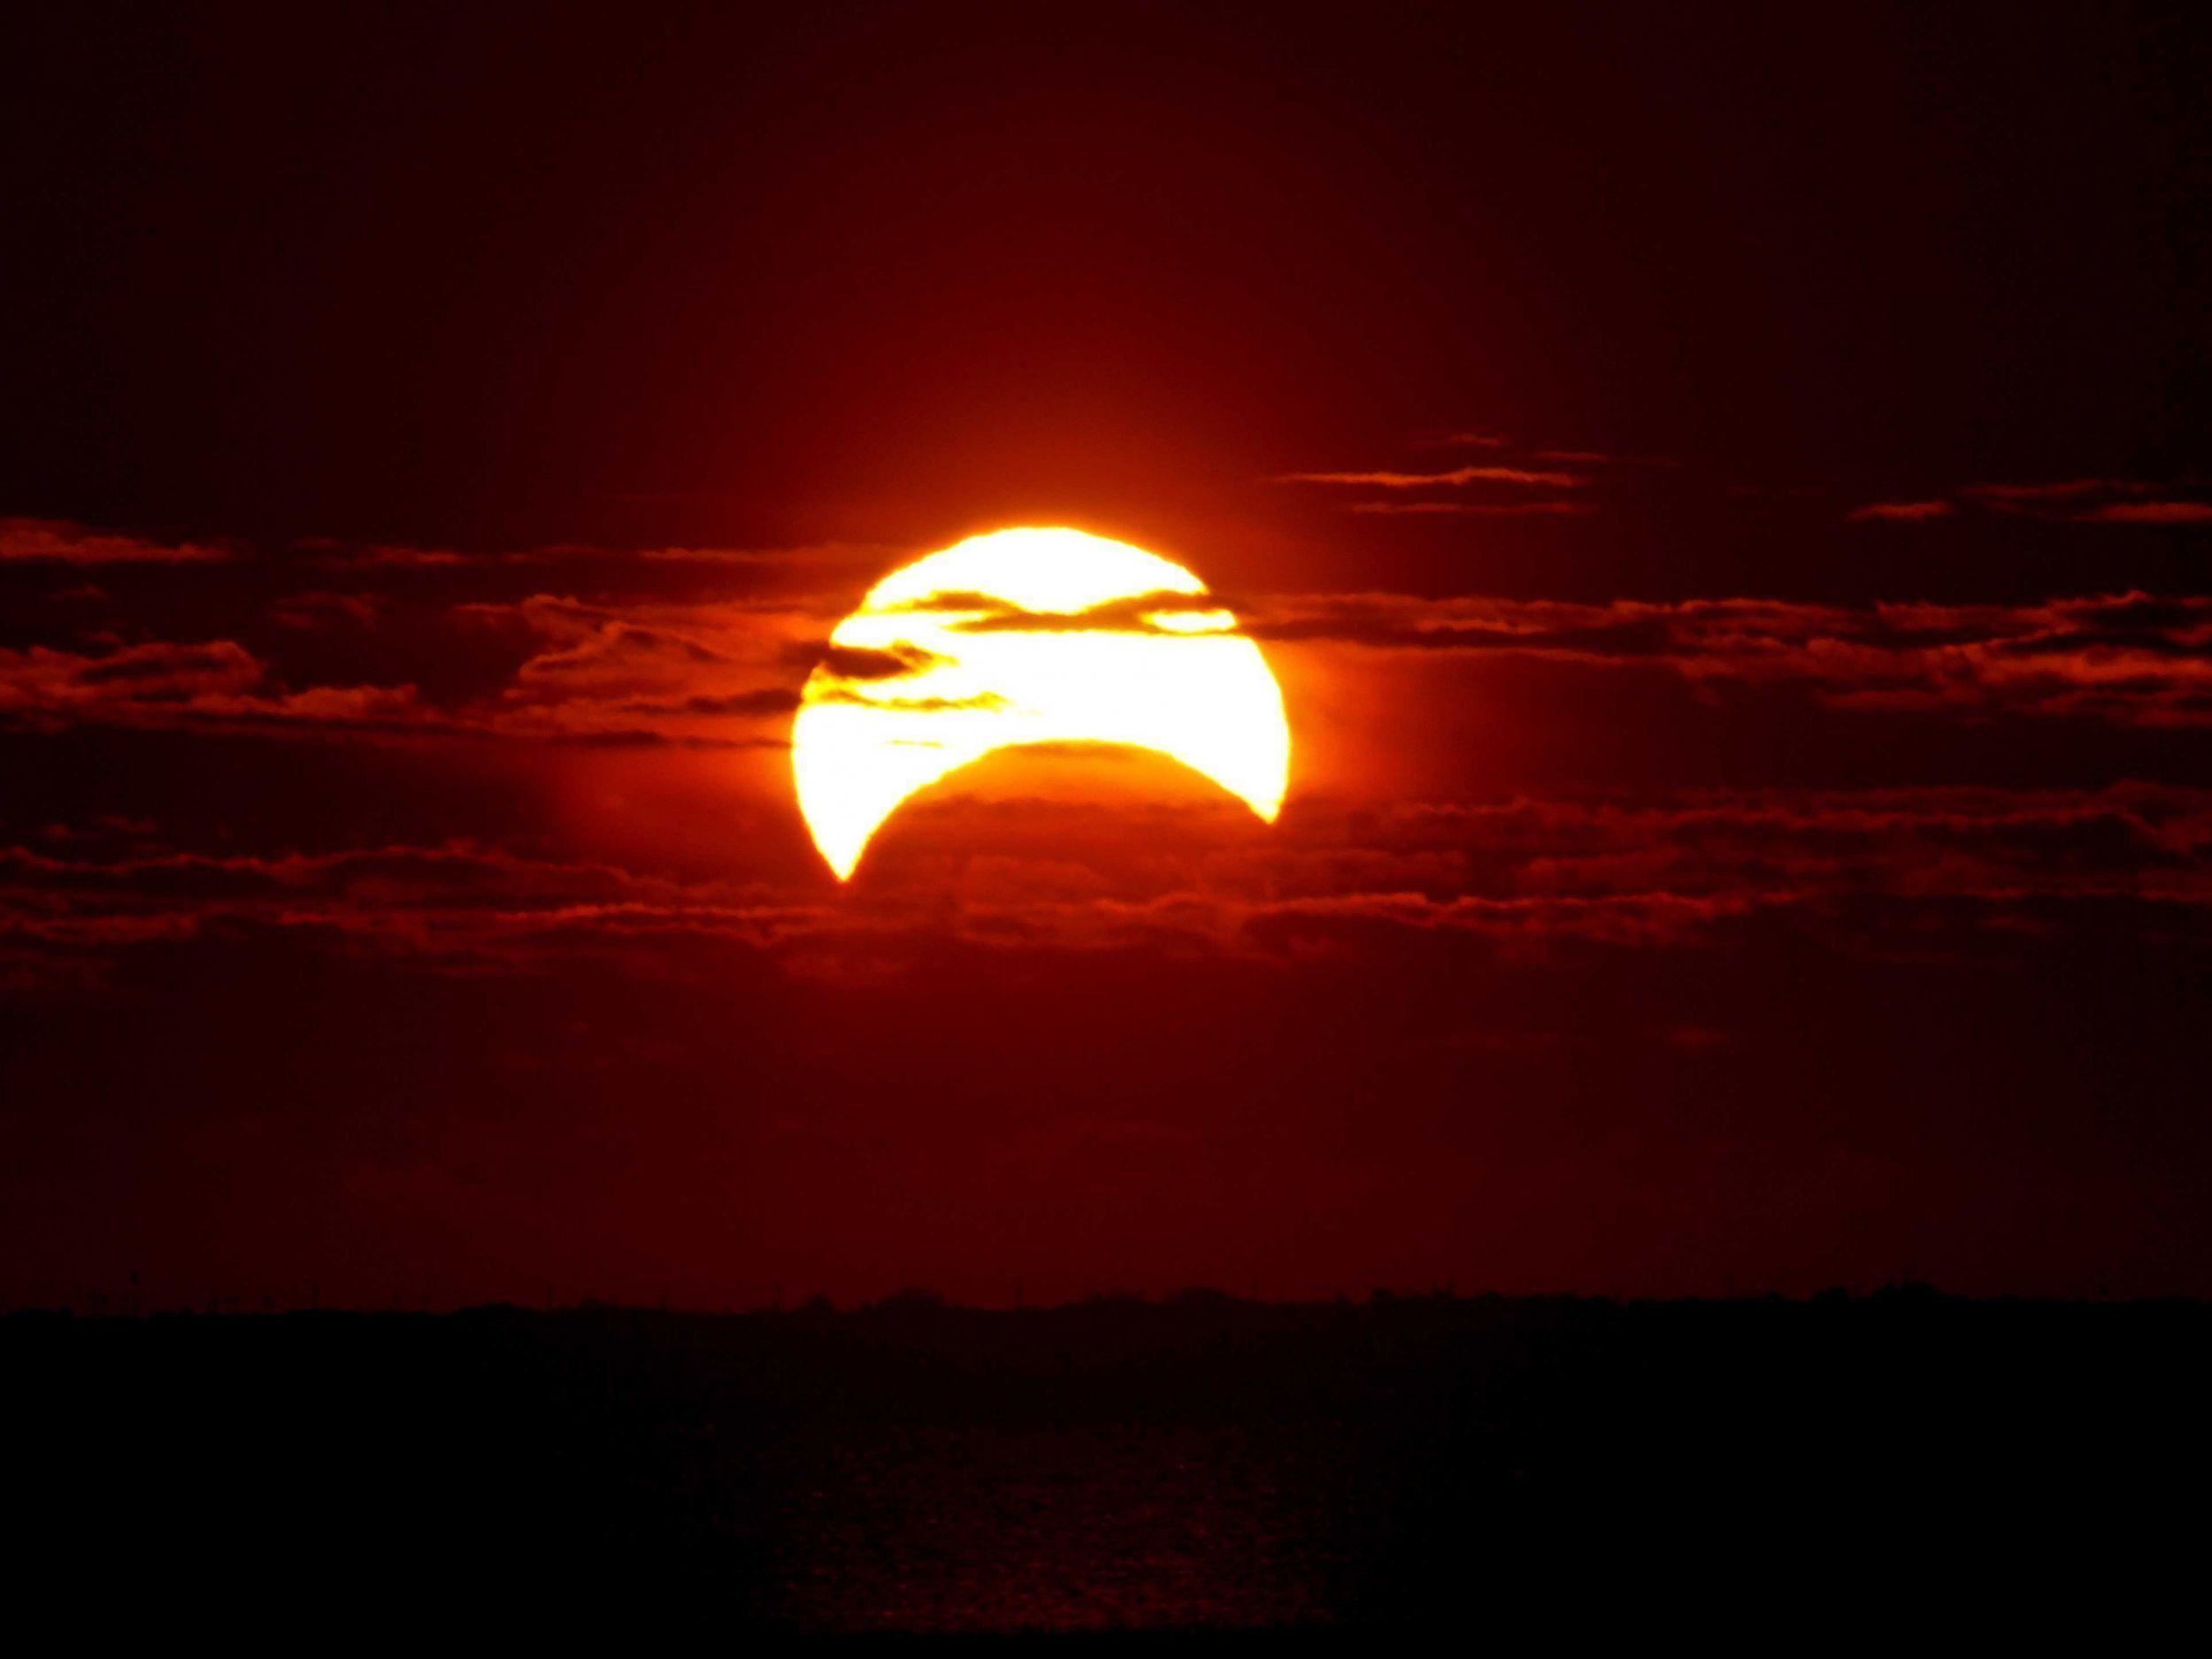 Eclipse Backgrounds download on the digitalimagemakerworldcom 2500x1875